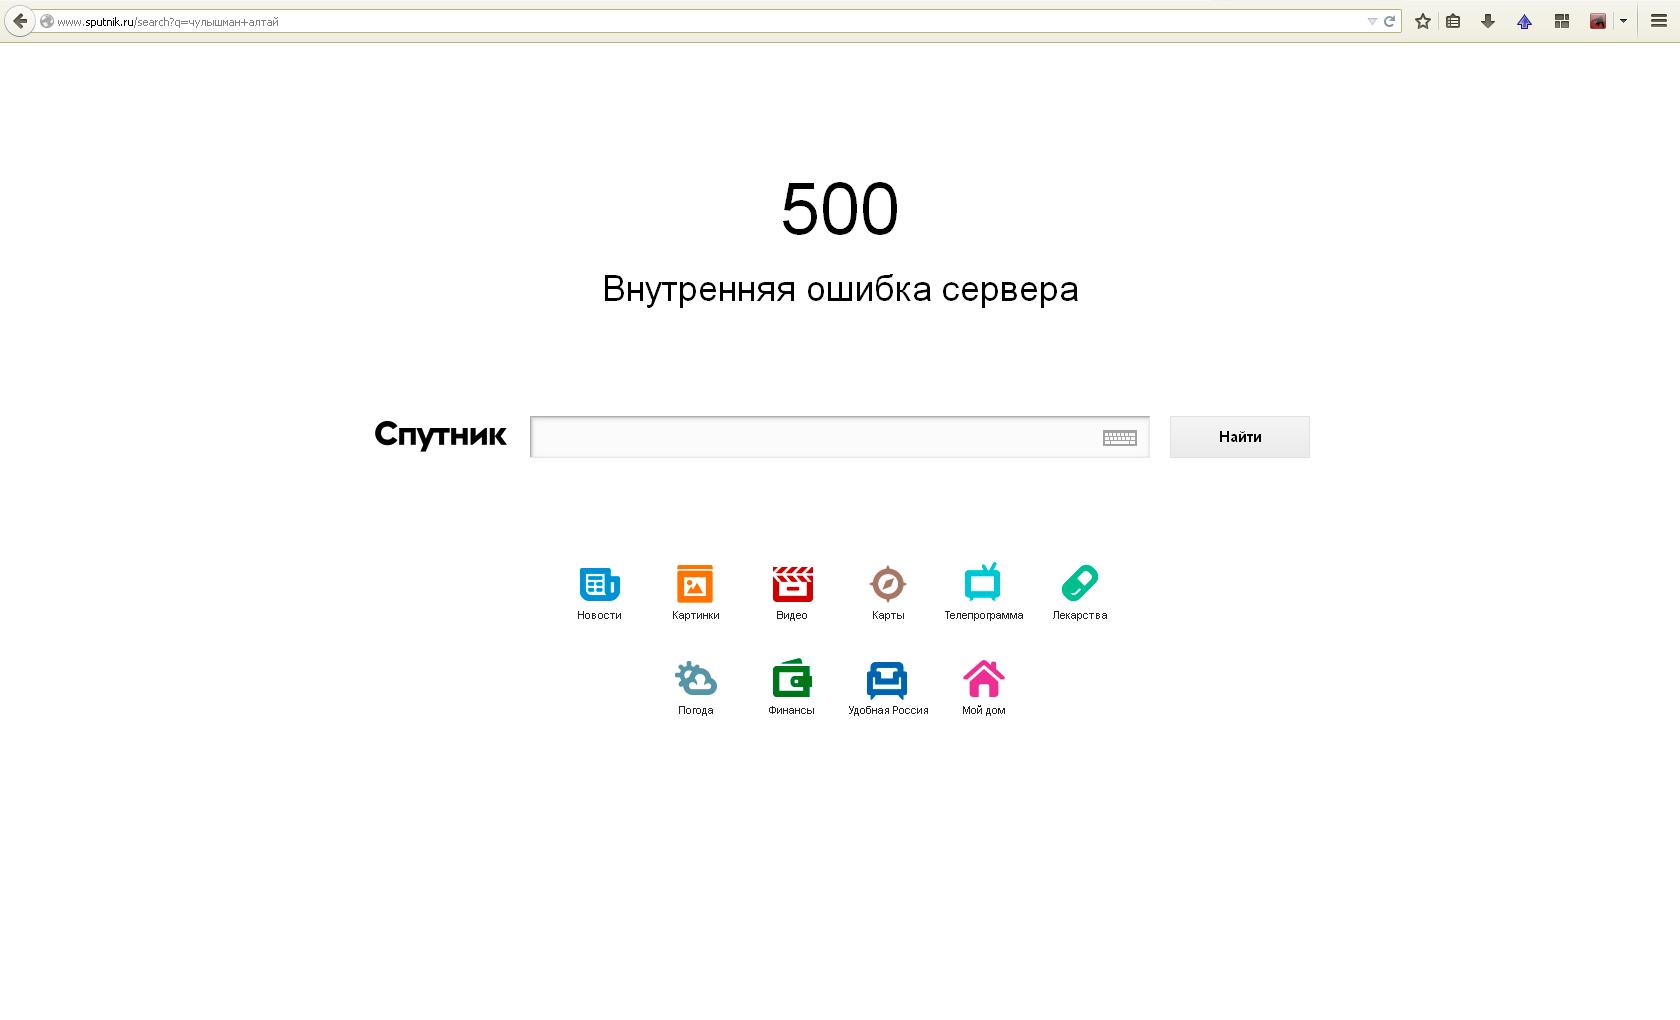 Поисковик Спутник, внутренняя ошибка сервиса